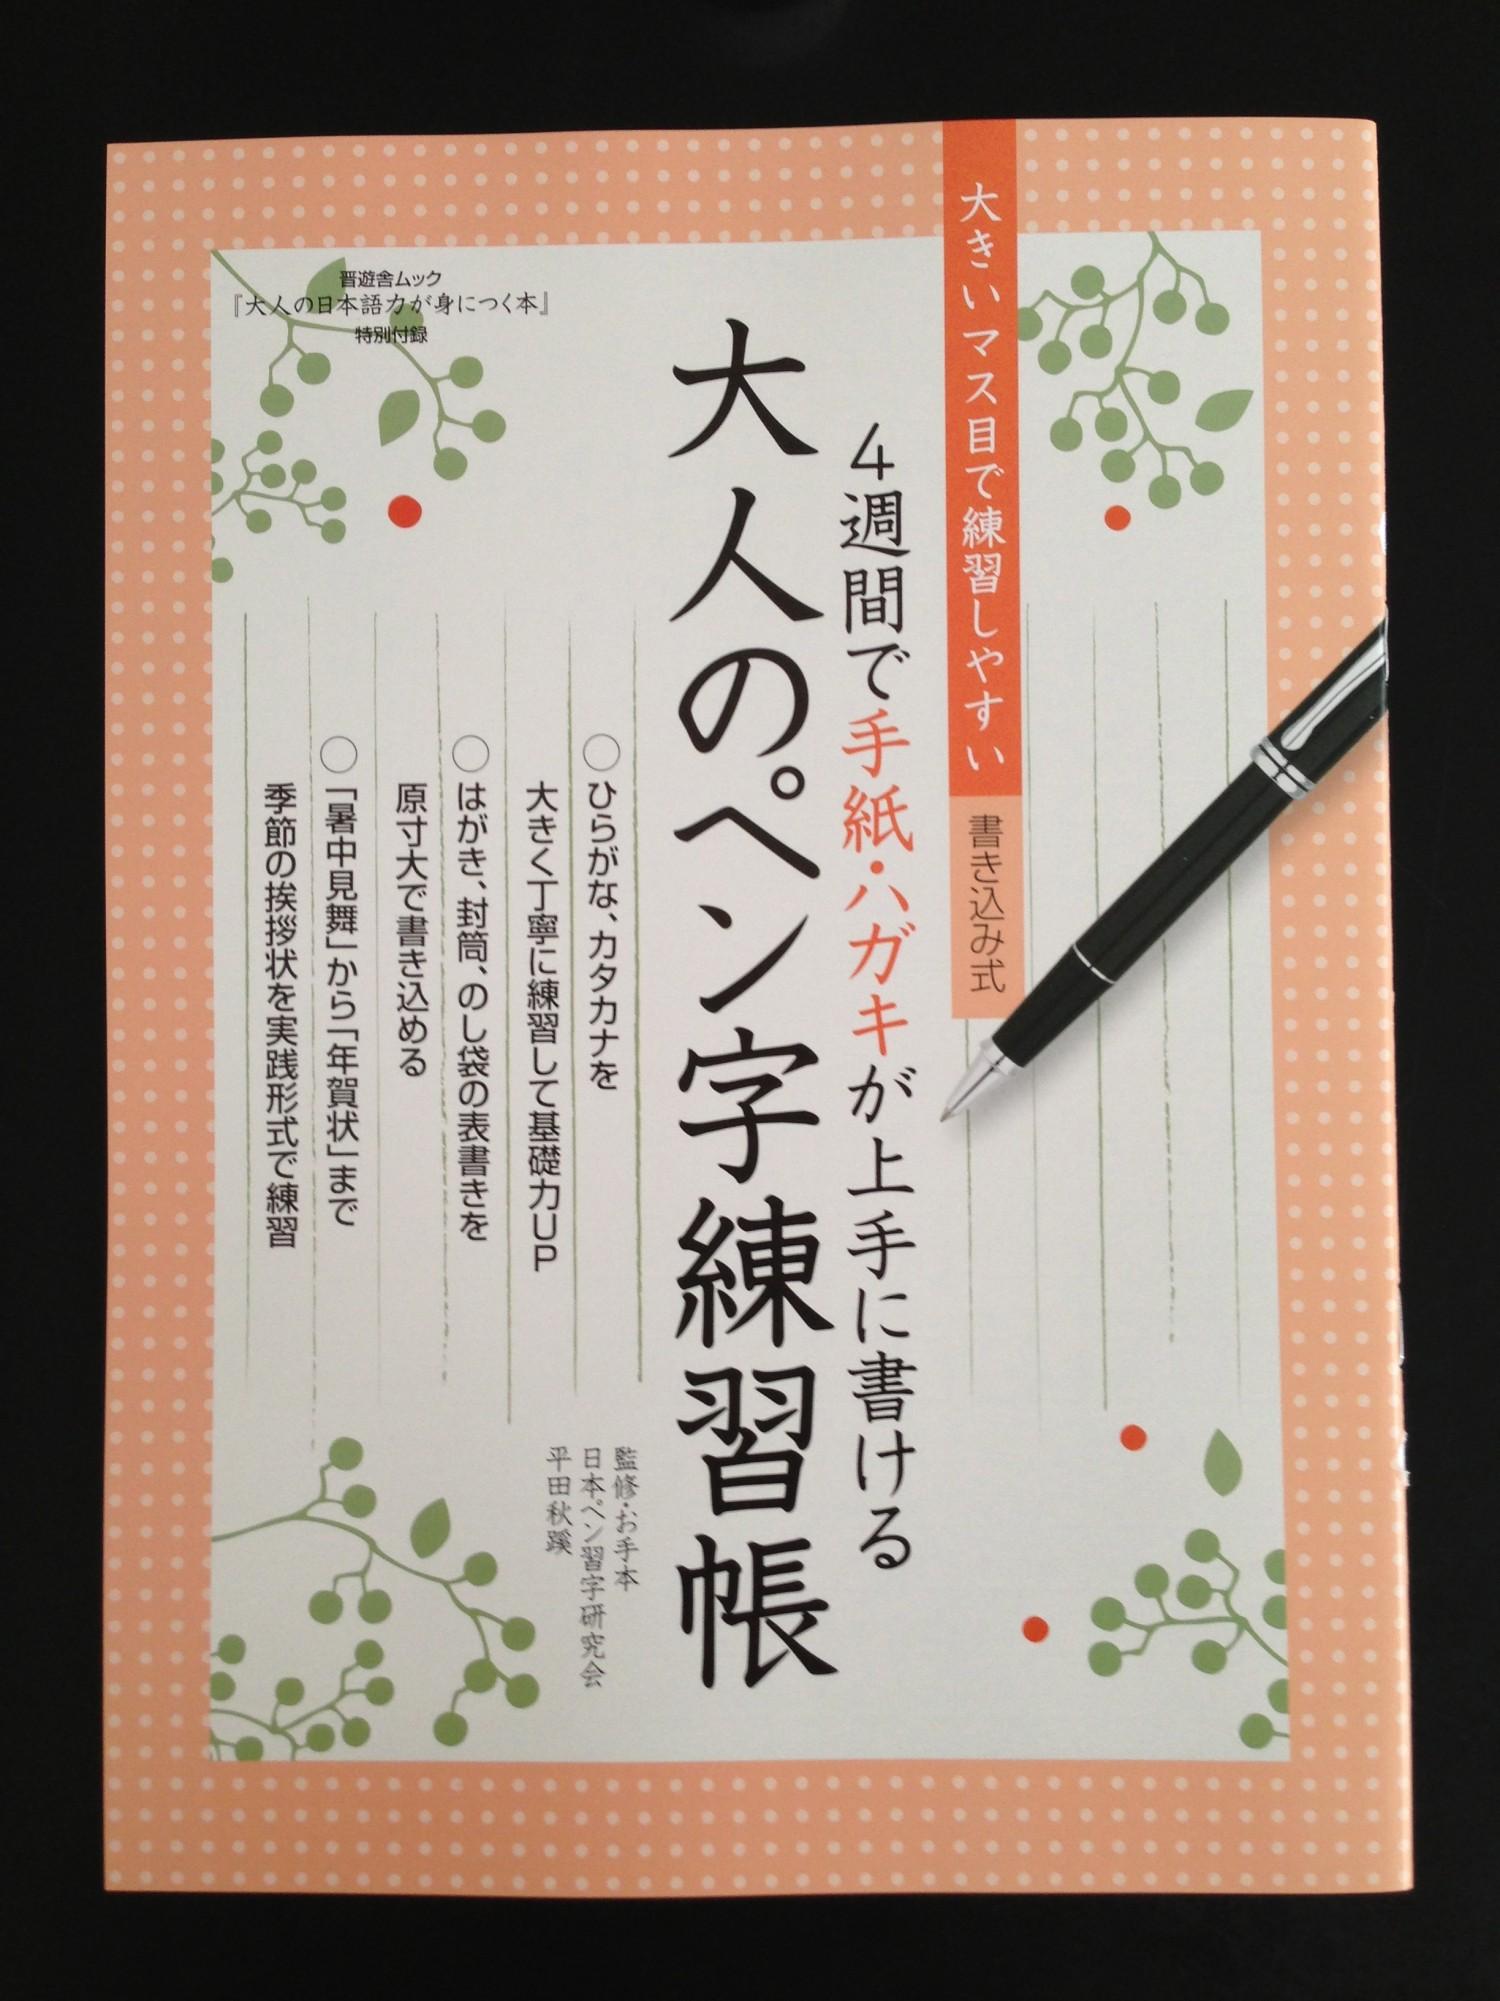 原稿や監修に携わった本が出ました「大人の日本語力が身につく本